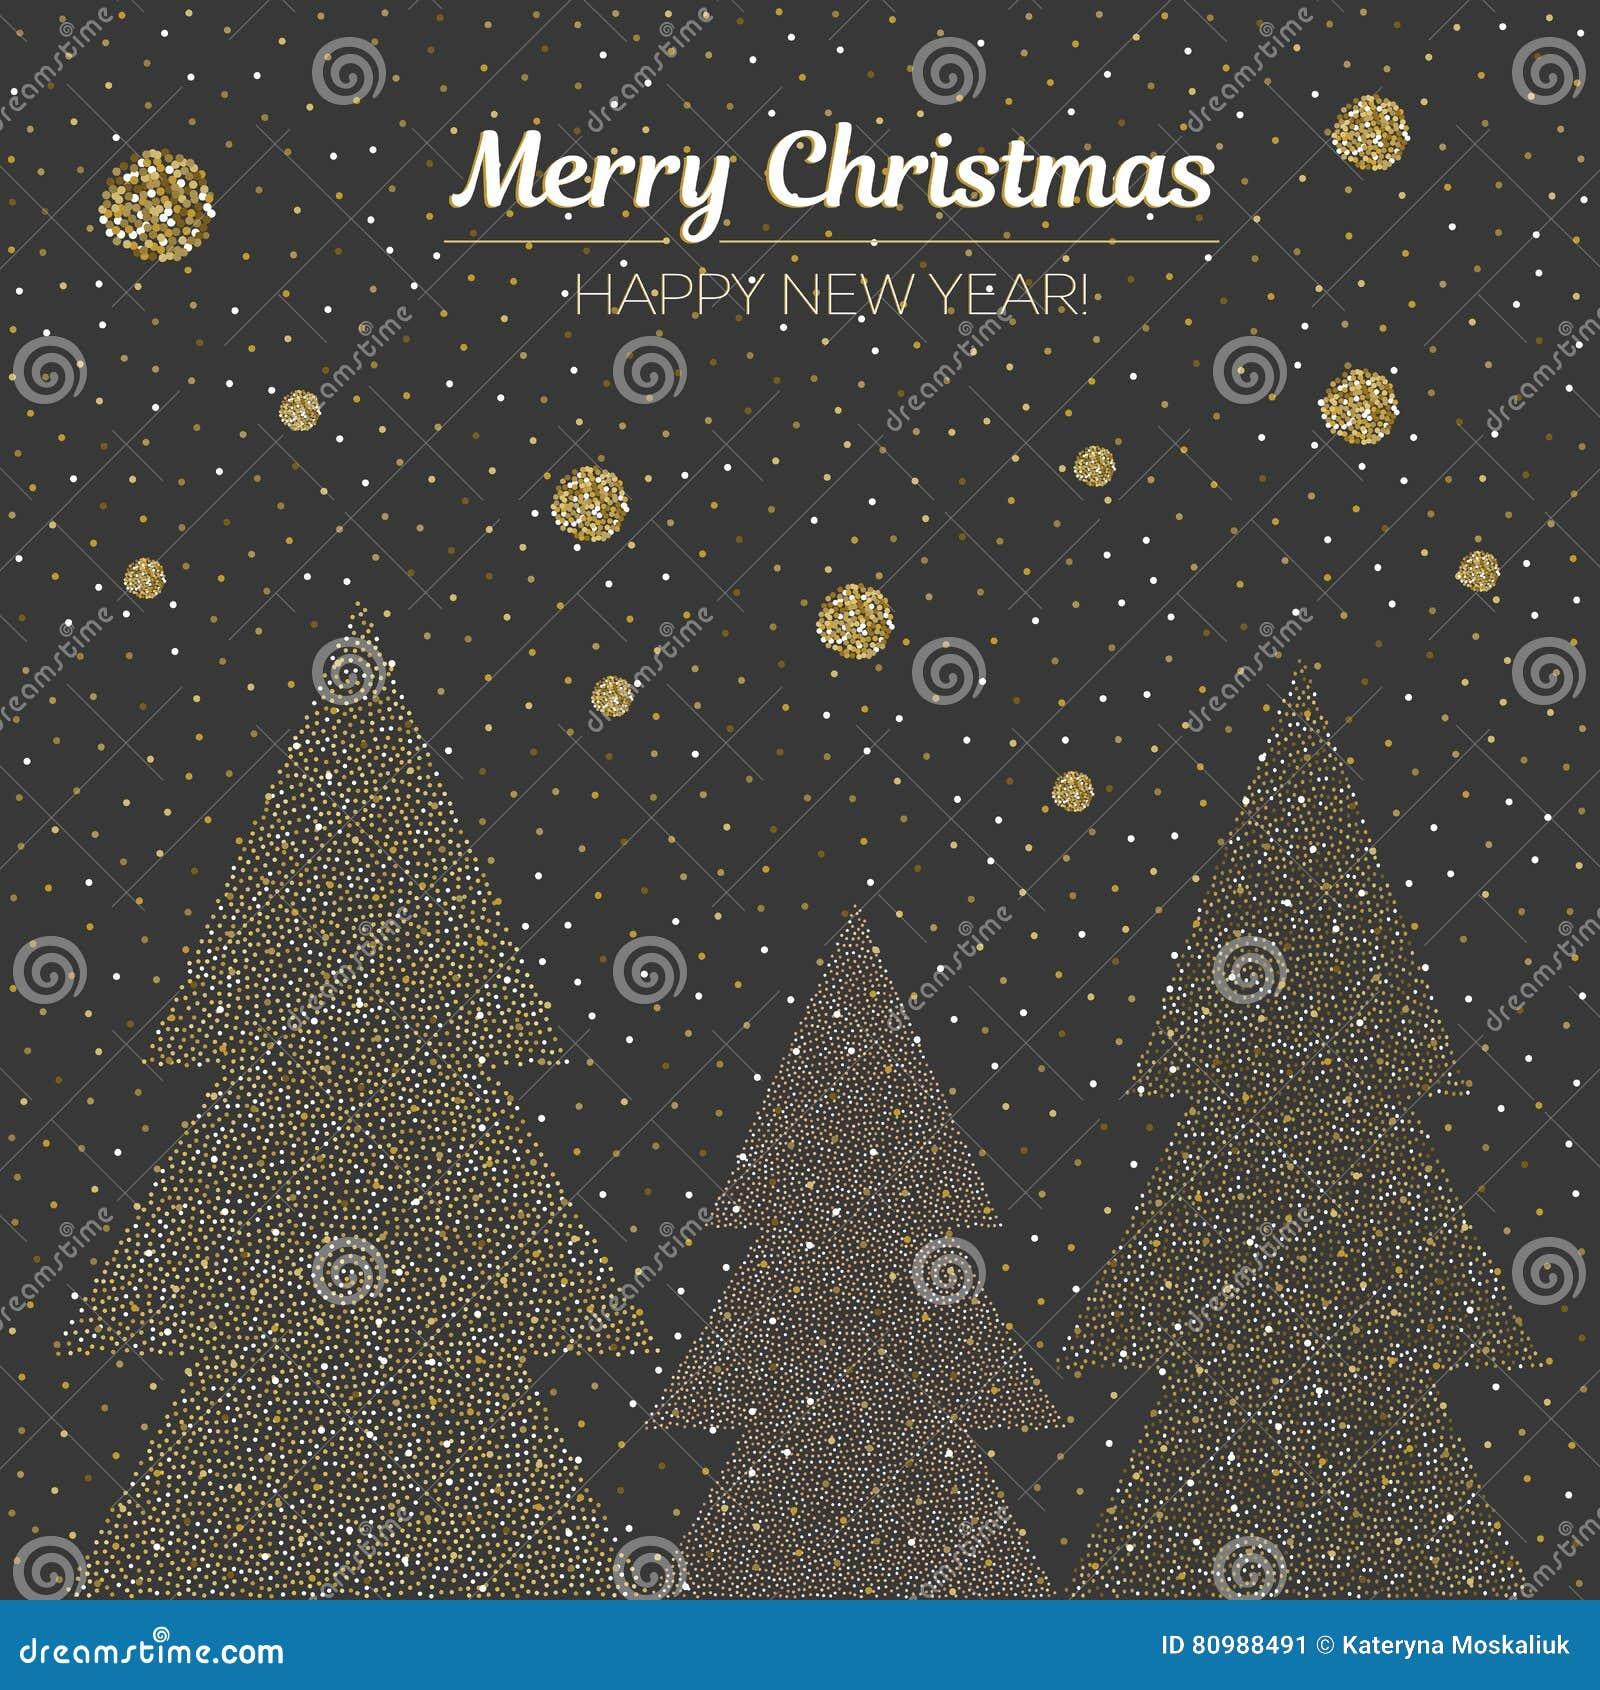 Atemberaubend Vater Weihnachten Bilder Zu Färben Fotos - Malvorlagen ...